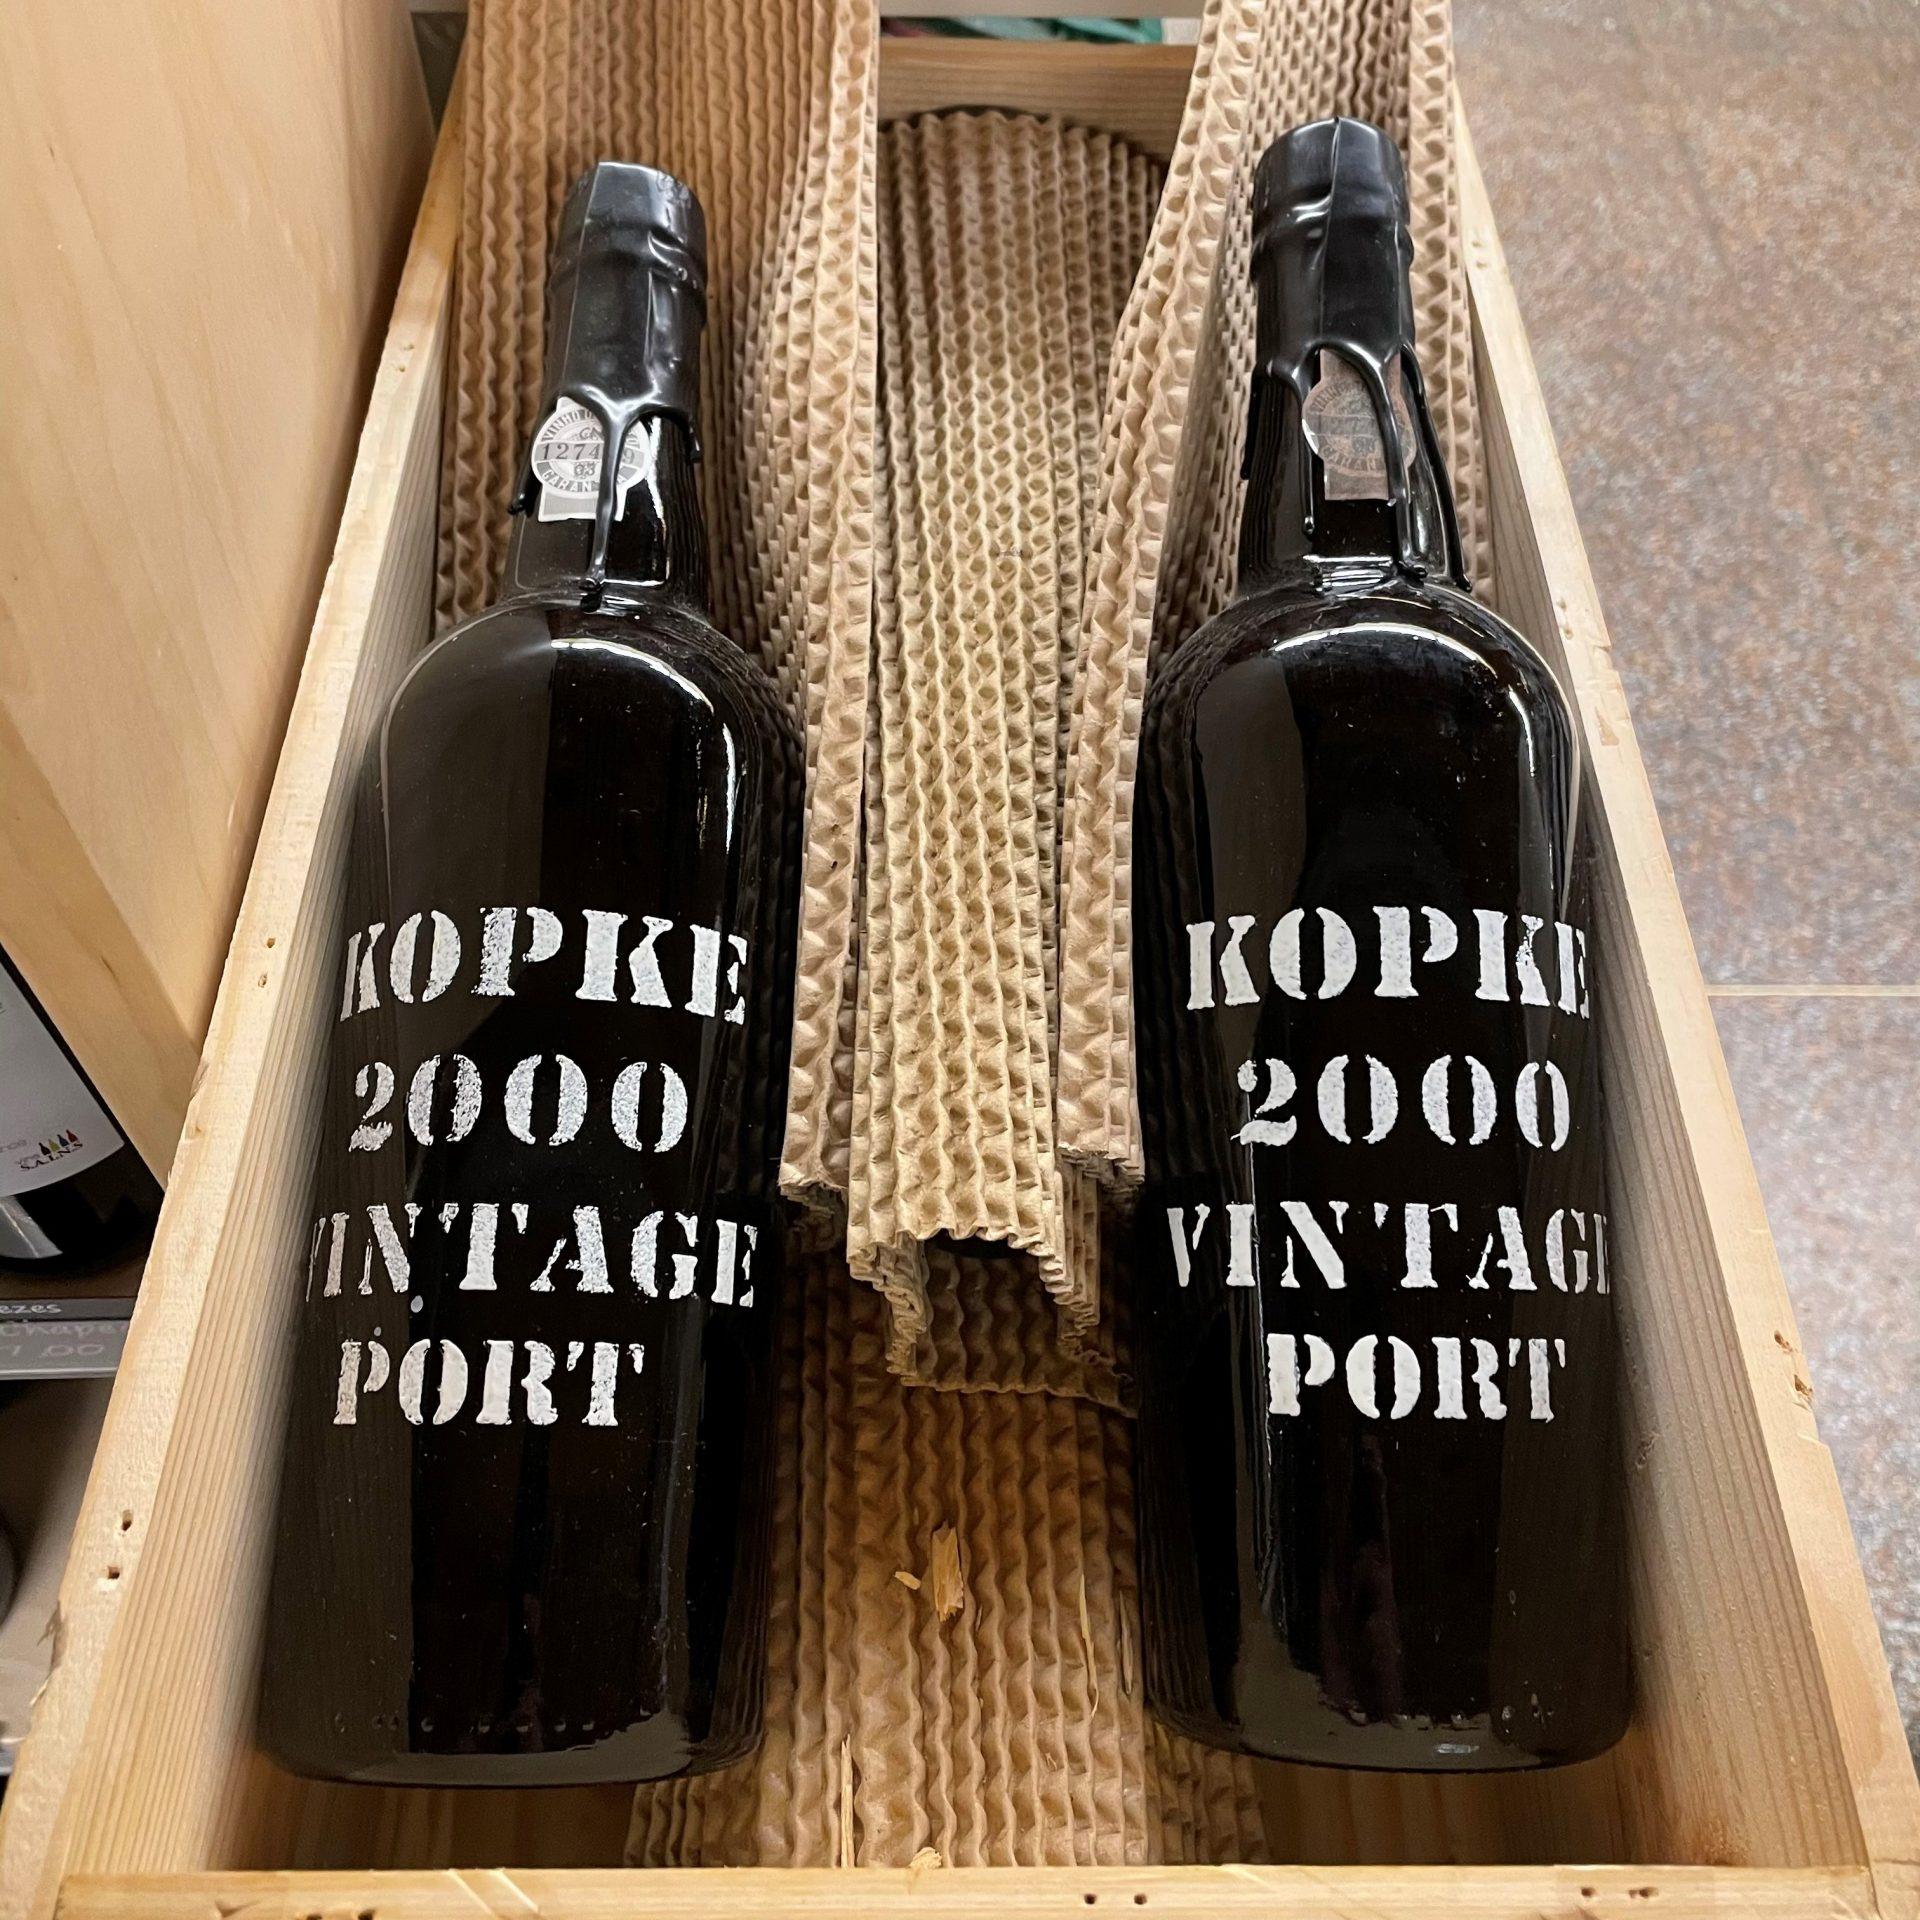 kopke vintage 2000